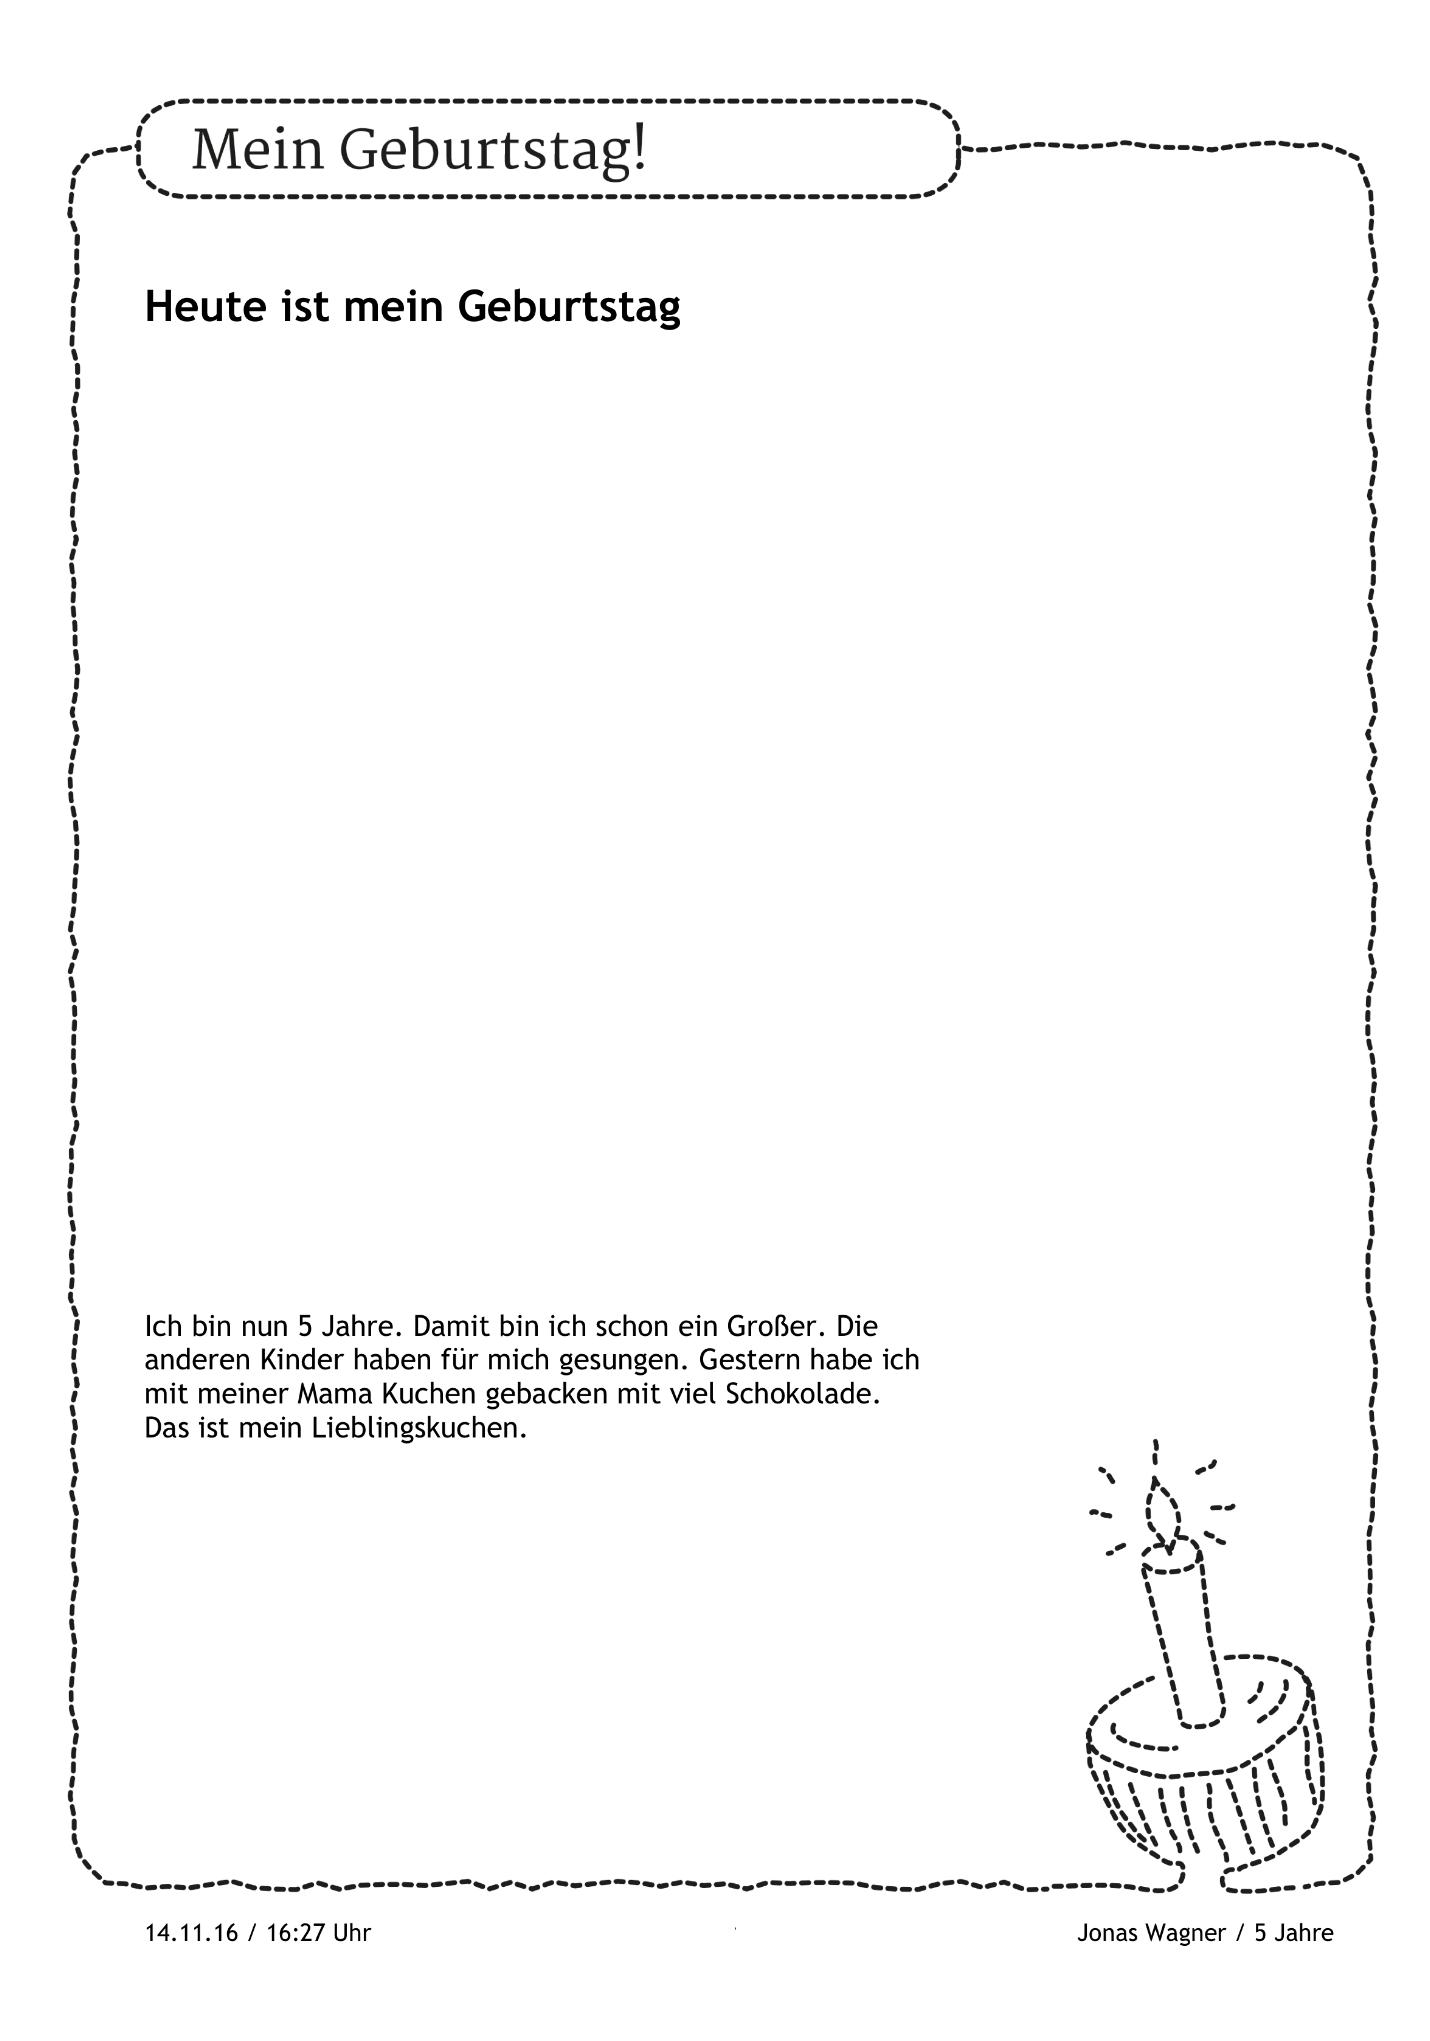 Großartig Kann Ich Mein Holz Küchenschränke Malen Galerie - Ideen ...